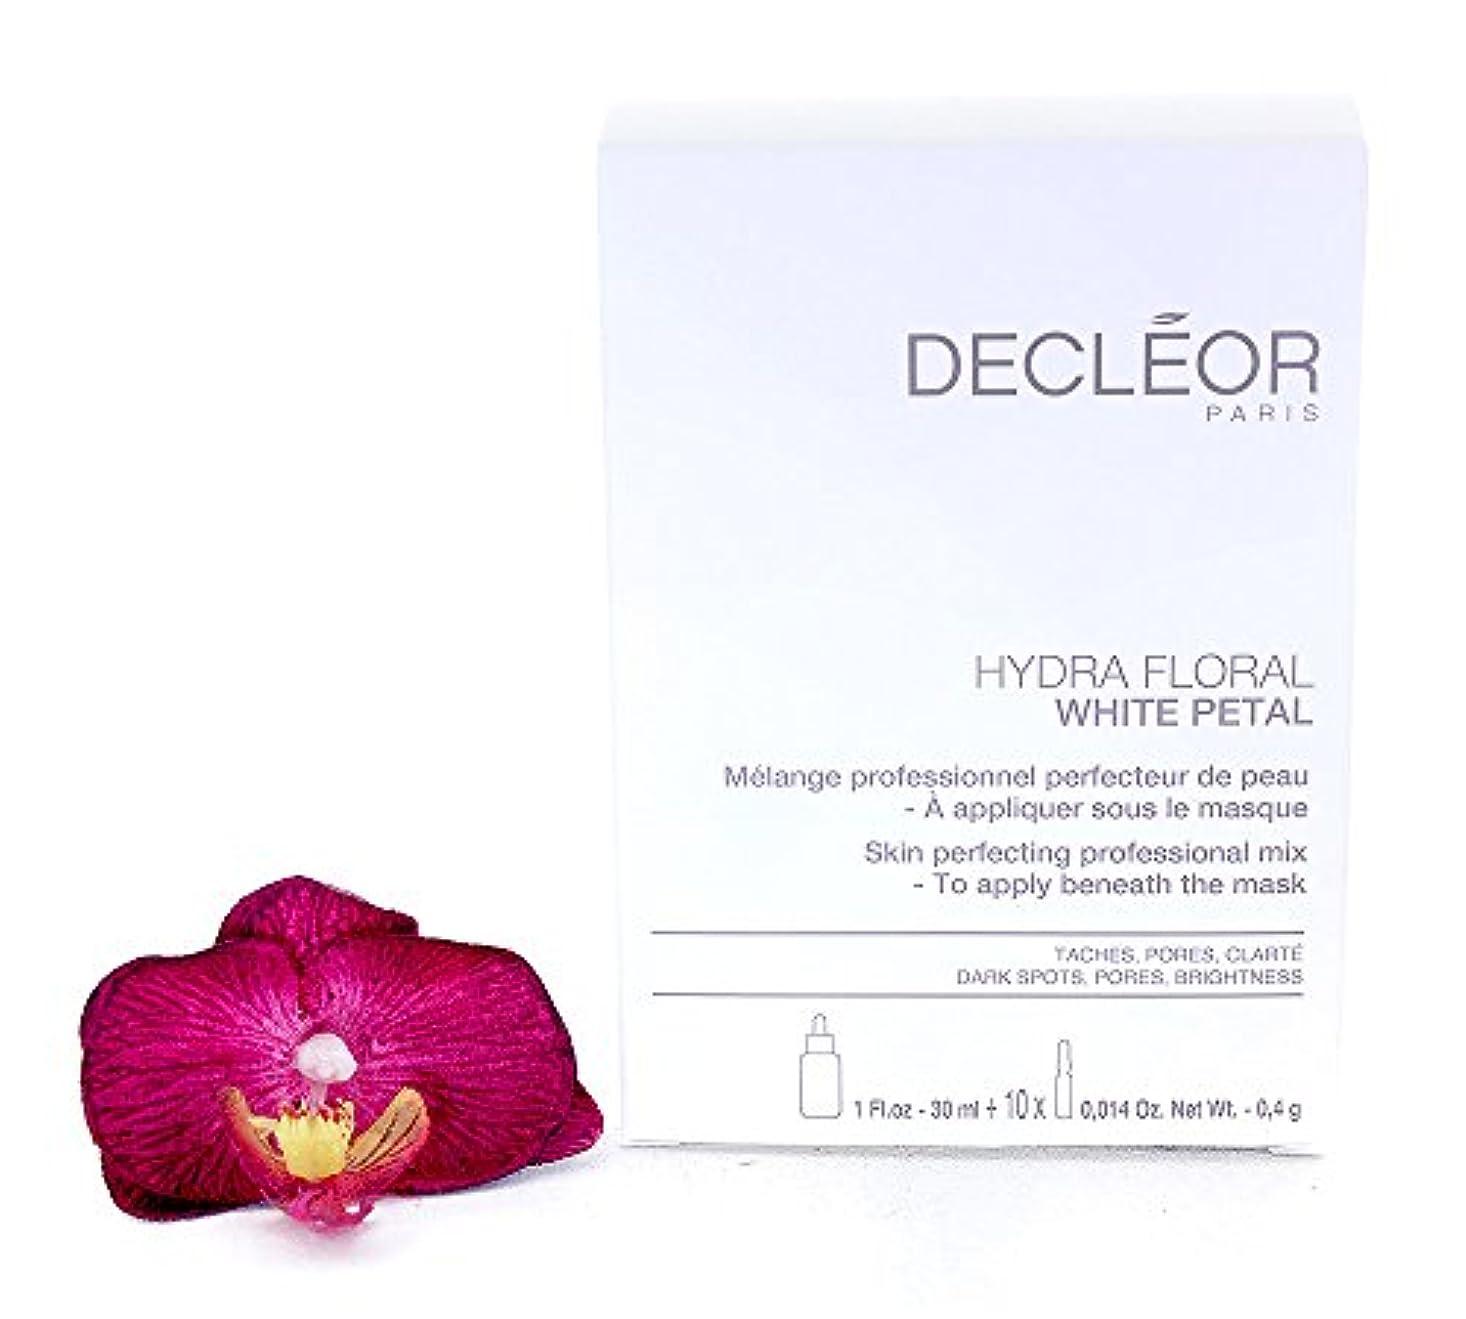 デコレーション役割ポンペイデクレオール Hydra Floral White Petal Skin Perfecting Professional Mix (1x Concentrate 30ml, 10x Powder 4g) - Salon...